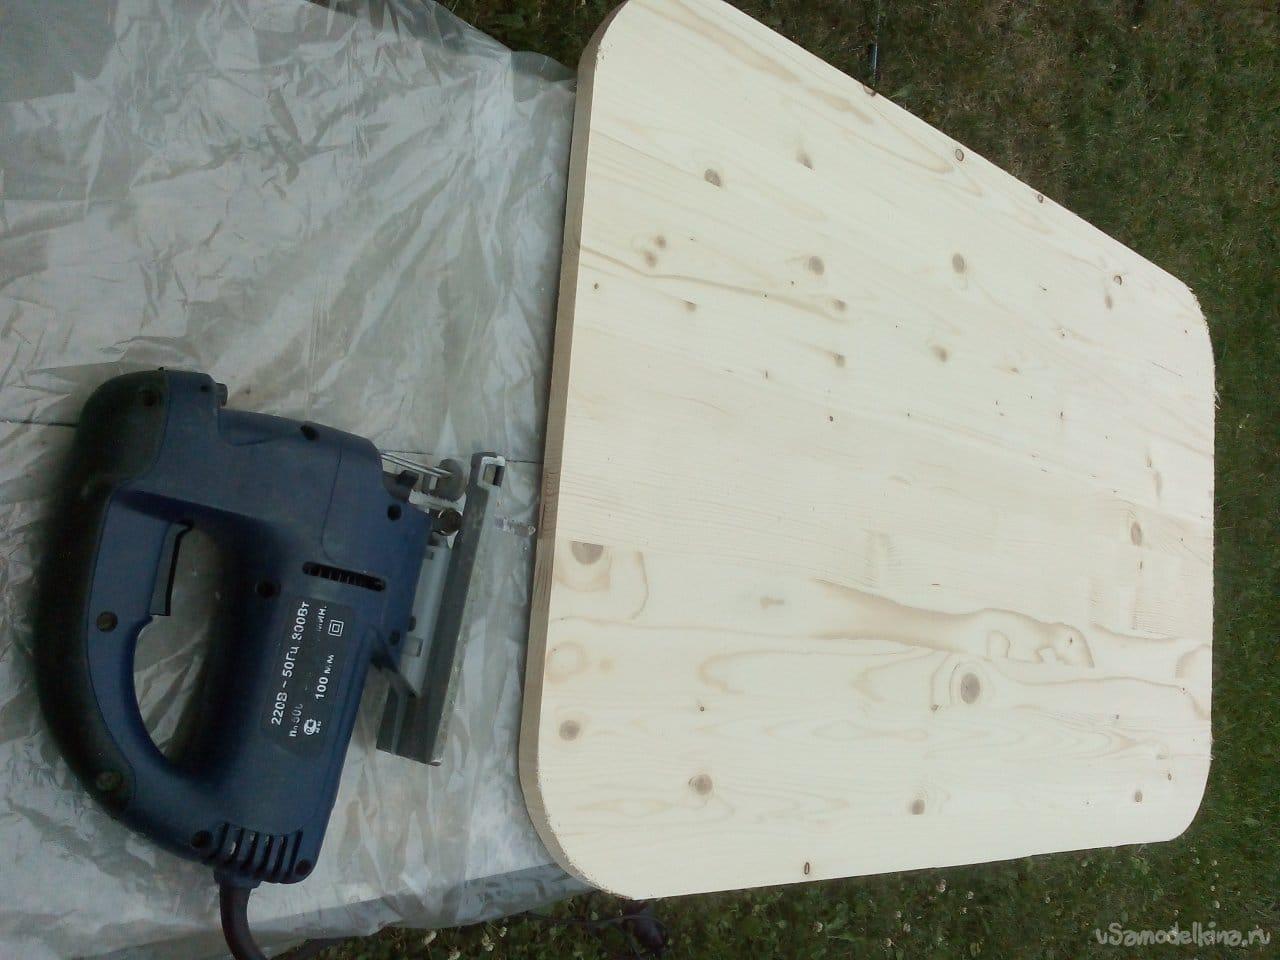 Стол из станины от швейной машинки. «Вторая жизнь» старых вещей